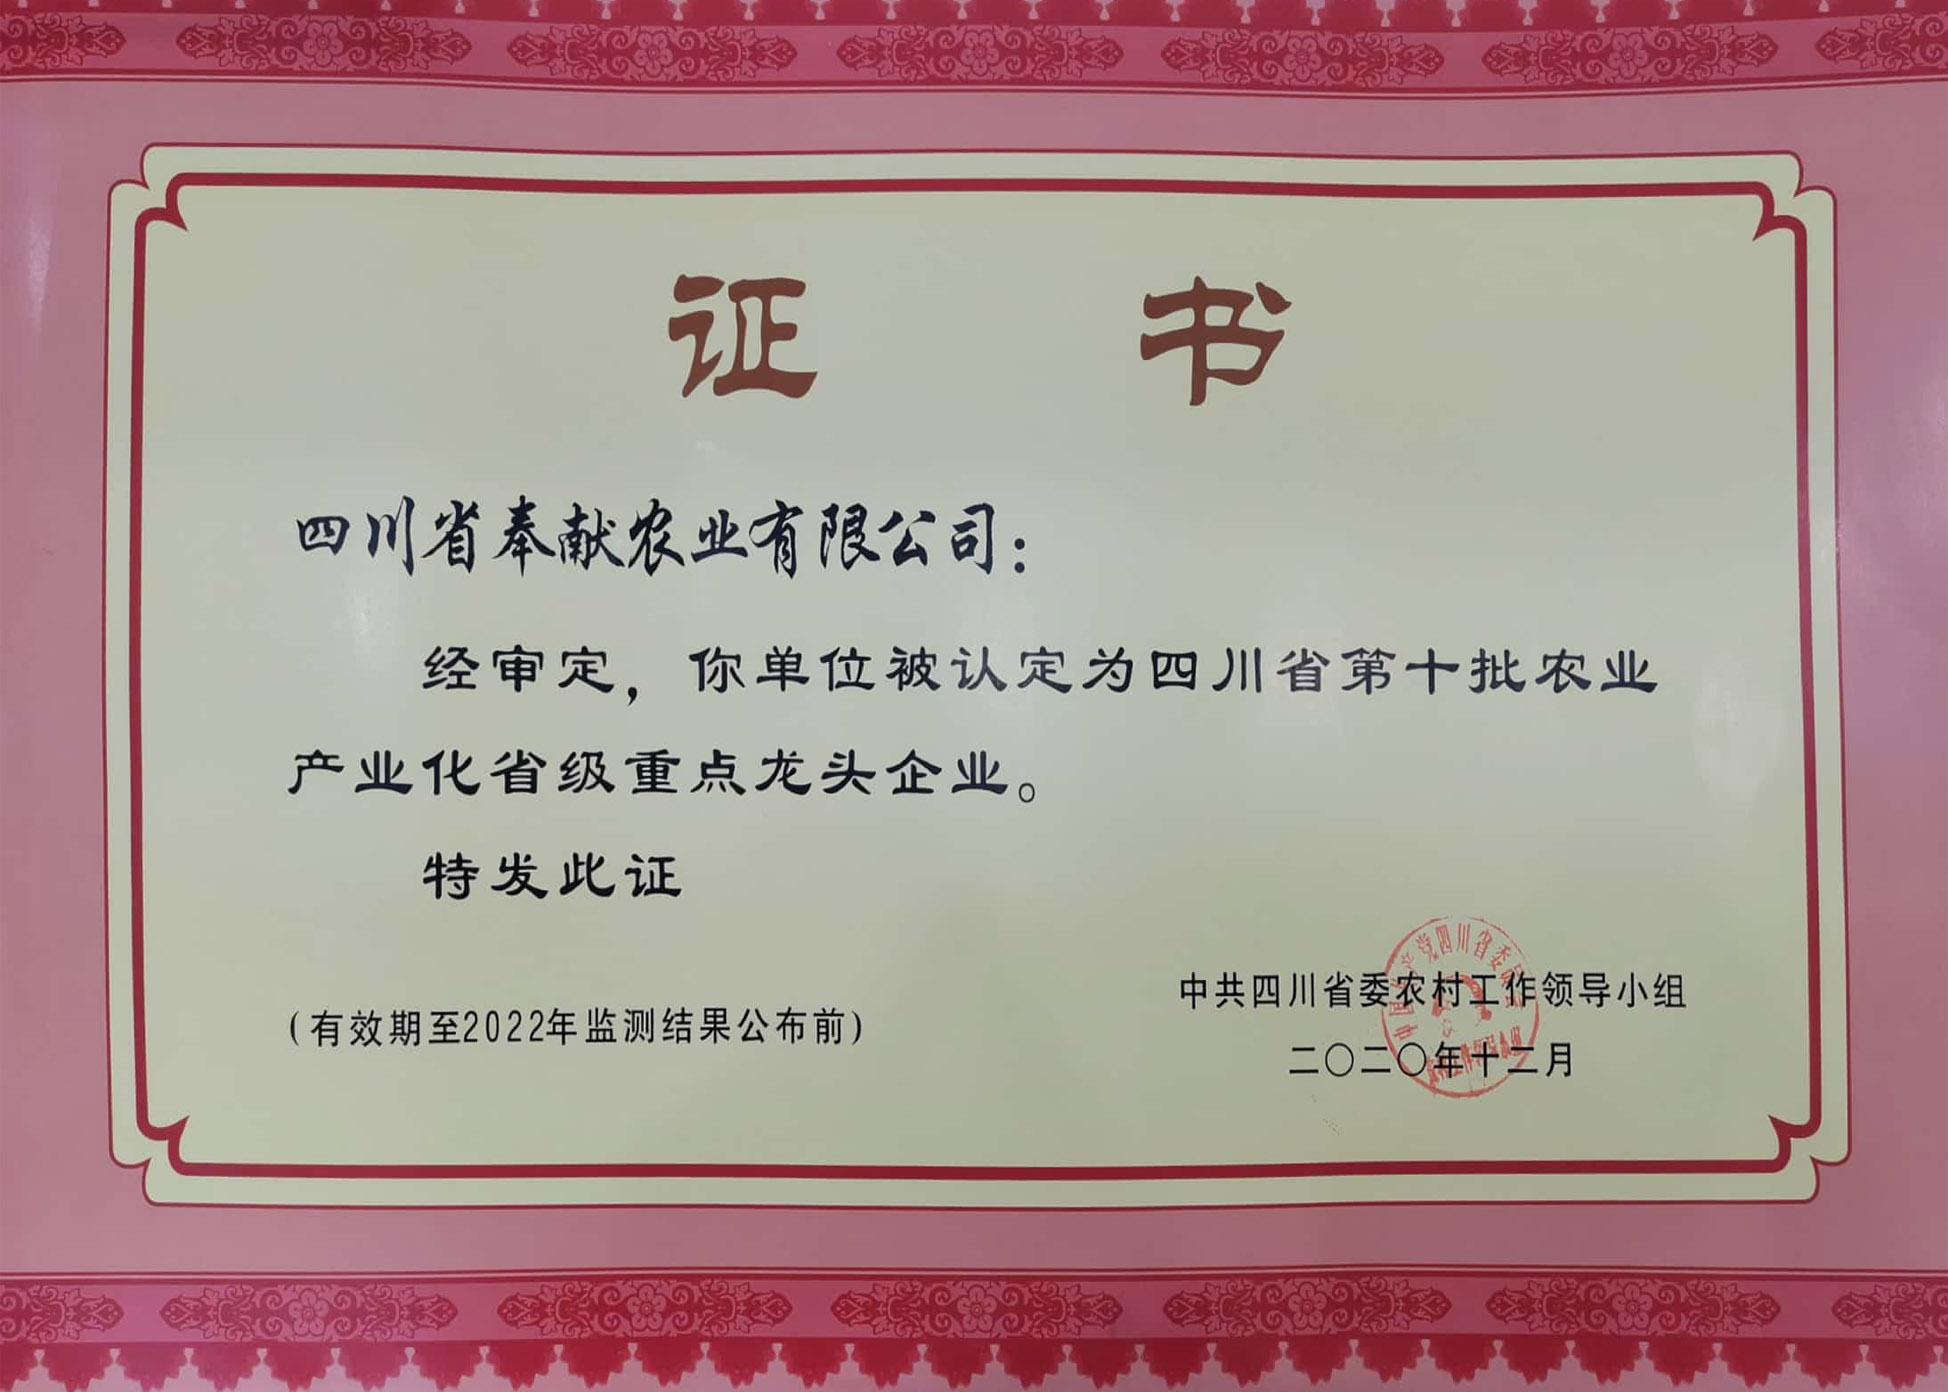 第十批农业产业化省级重点龙头企业证书